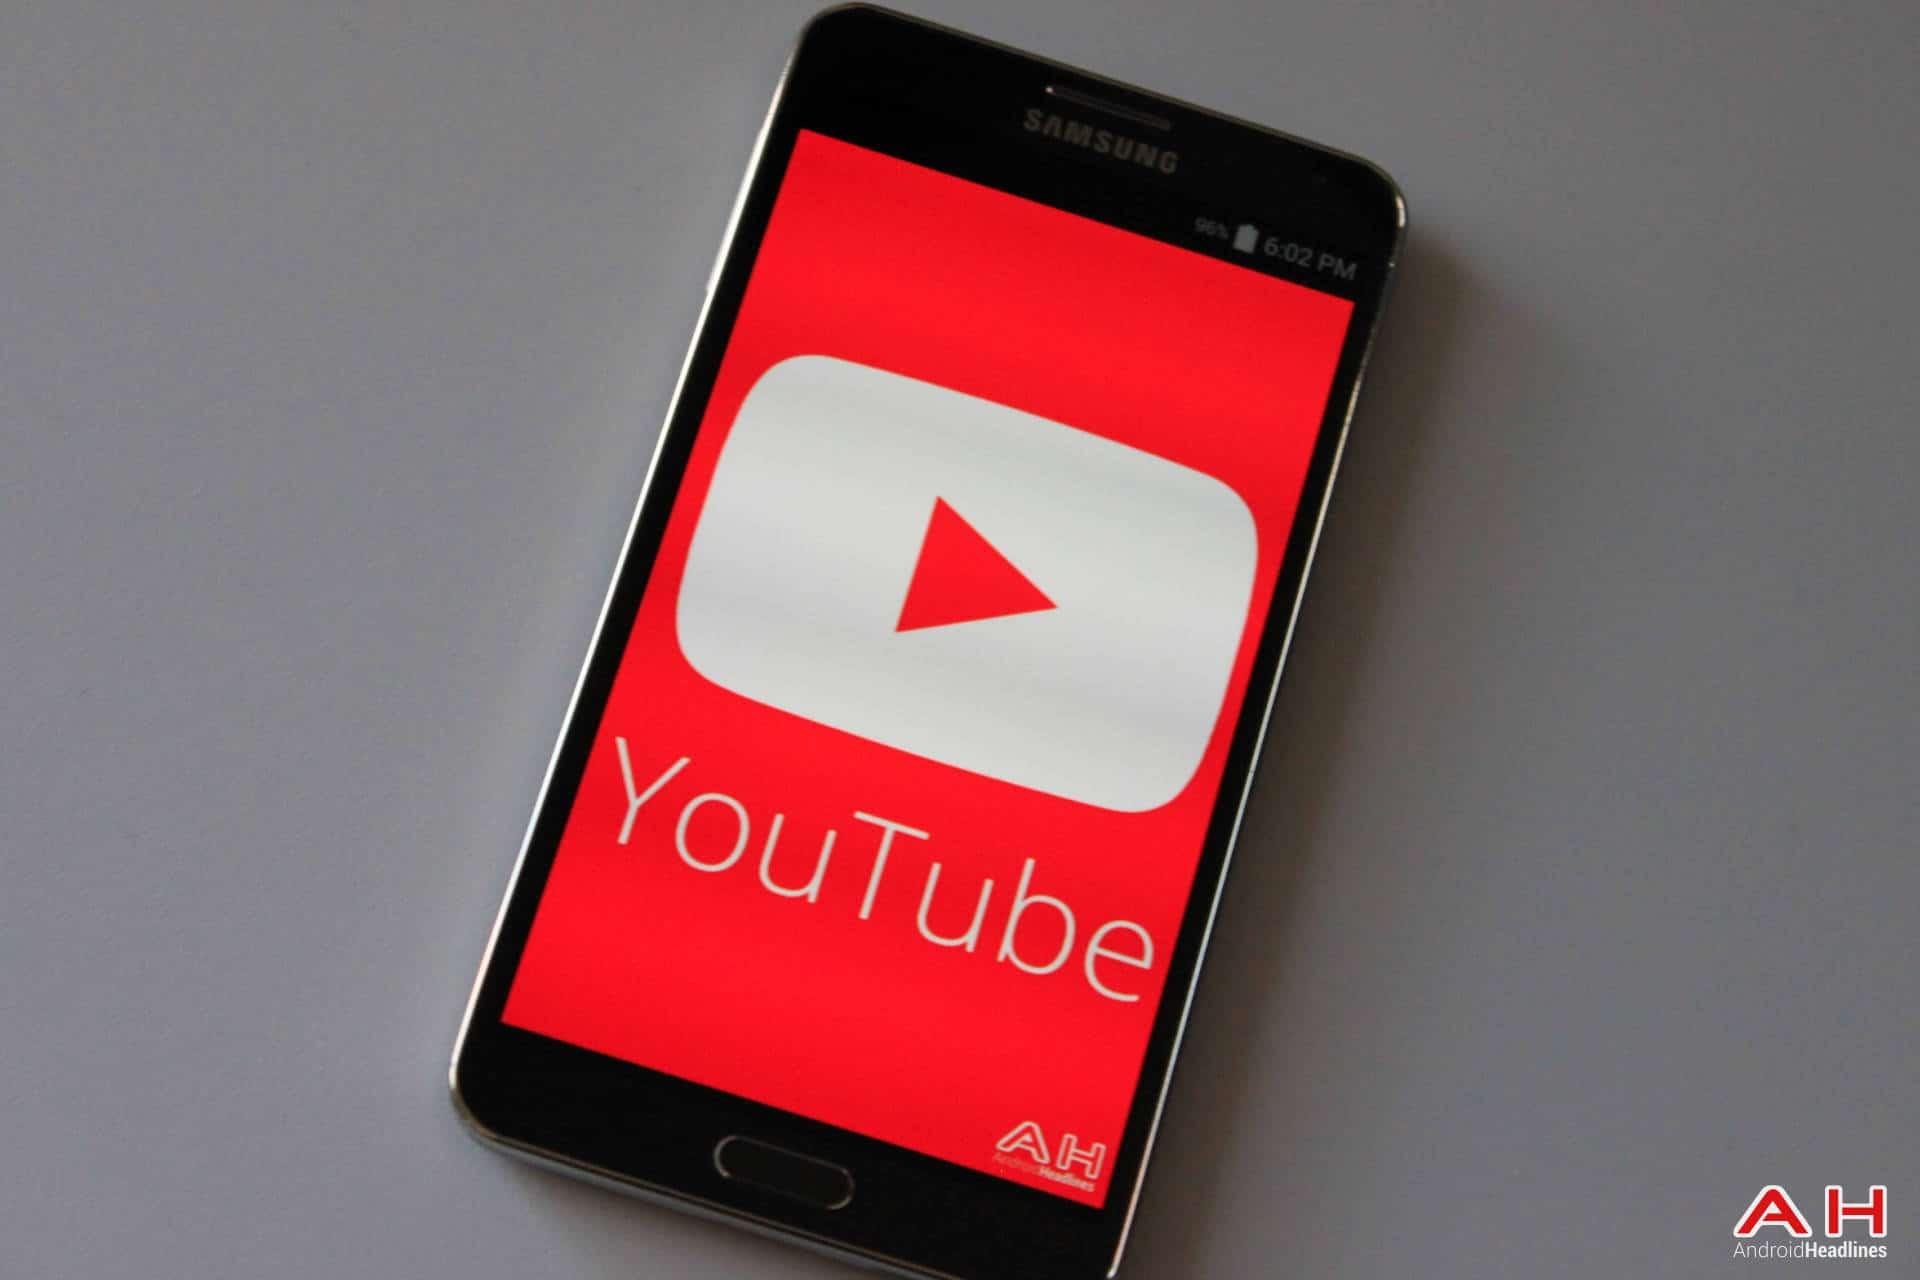 AH Youtube 1.4 you tube